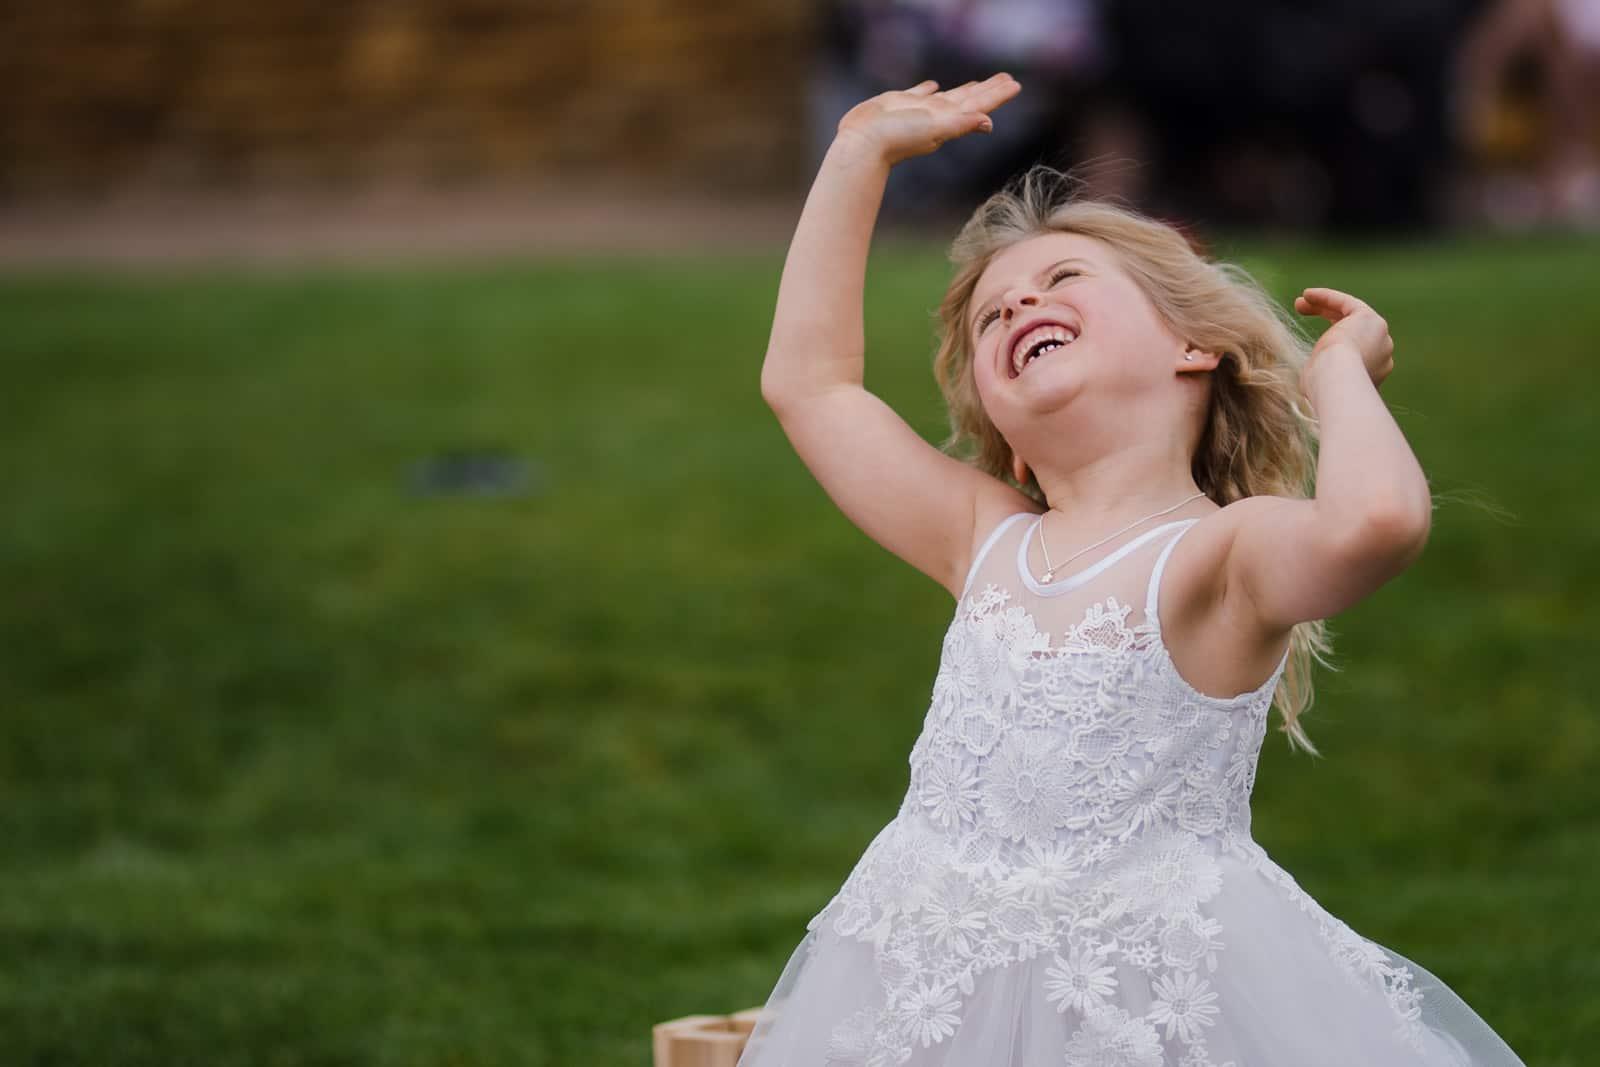 Little girl dancing at a wedding